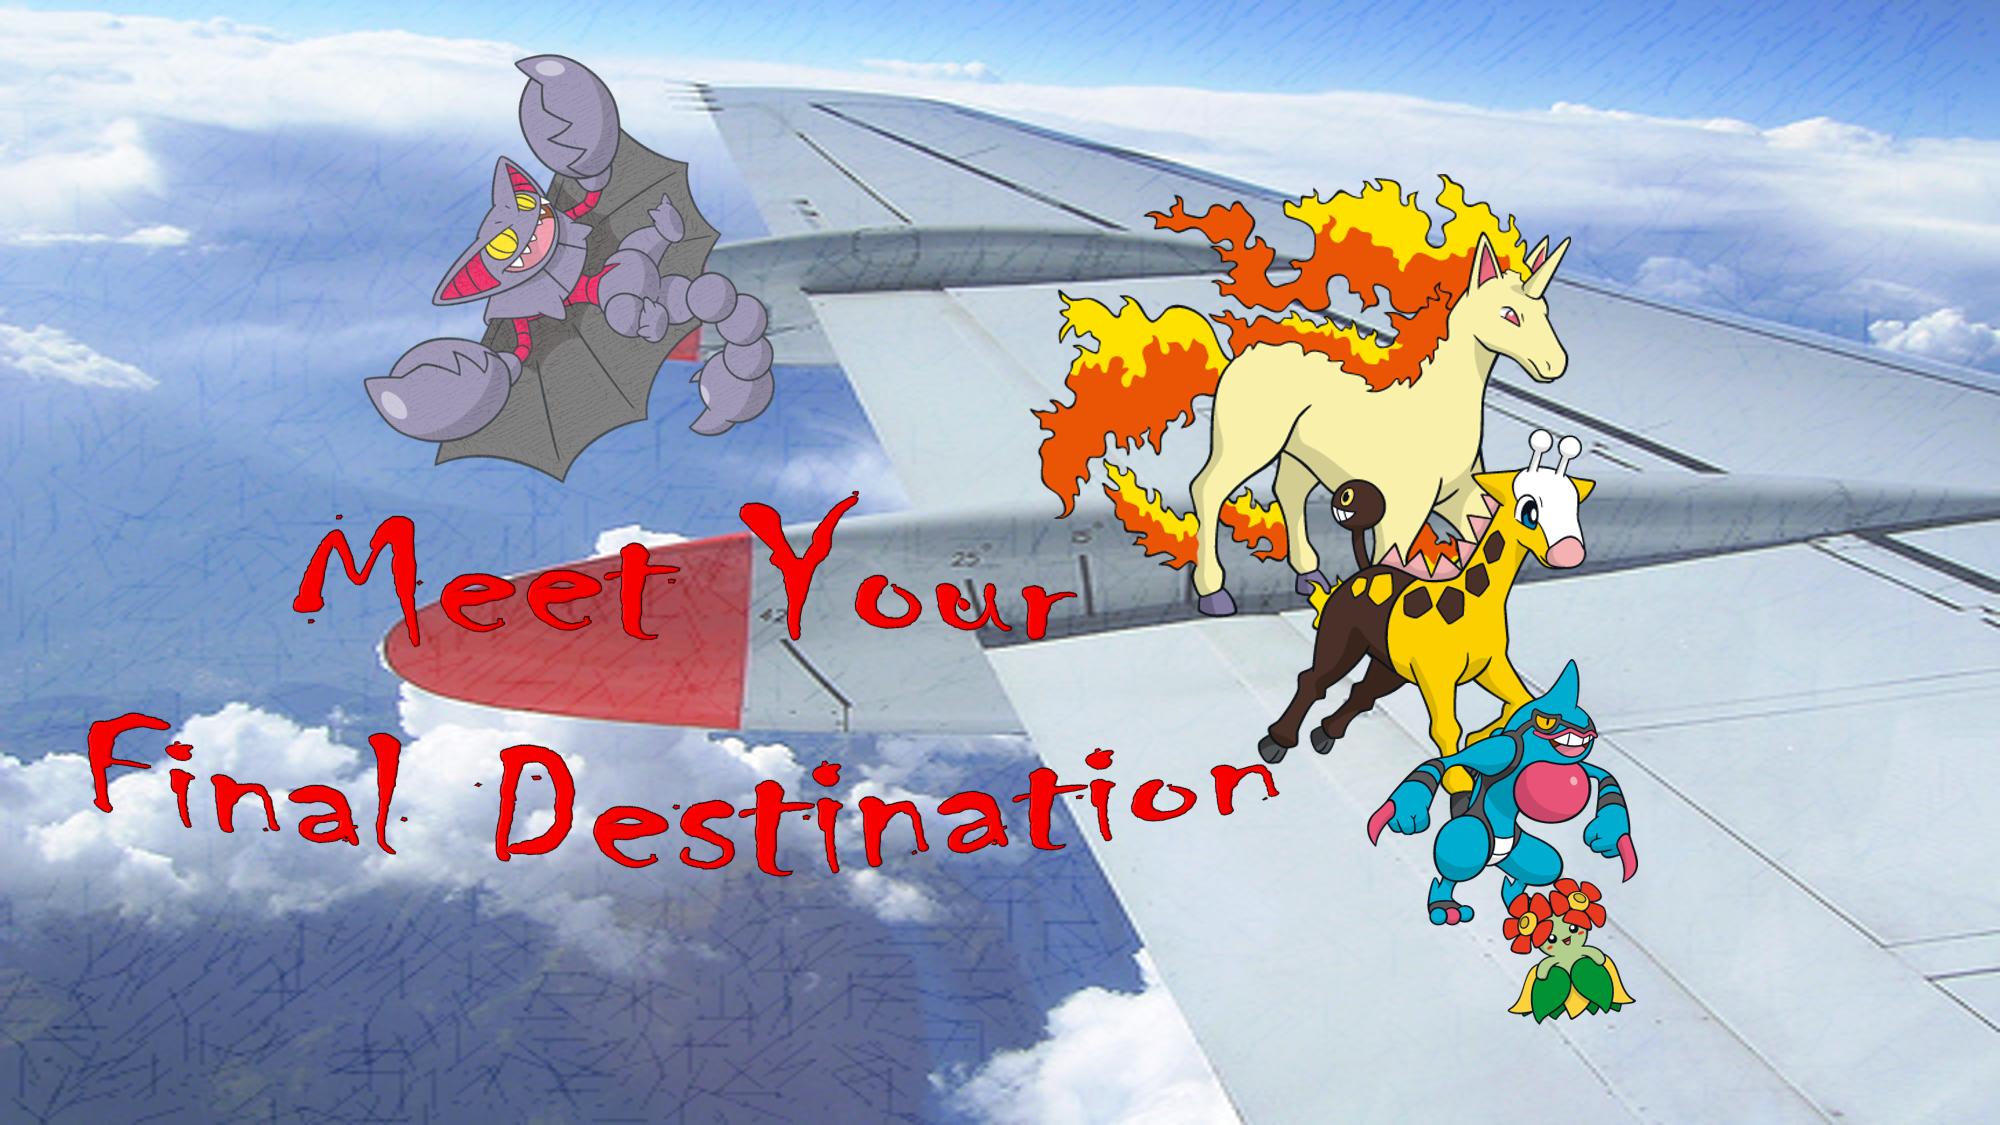 Meet Your Final Destination   TheOneandOnlyMisdreavous525's